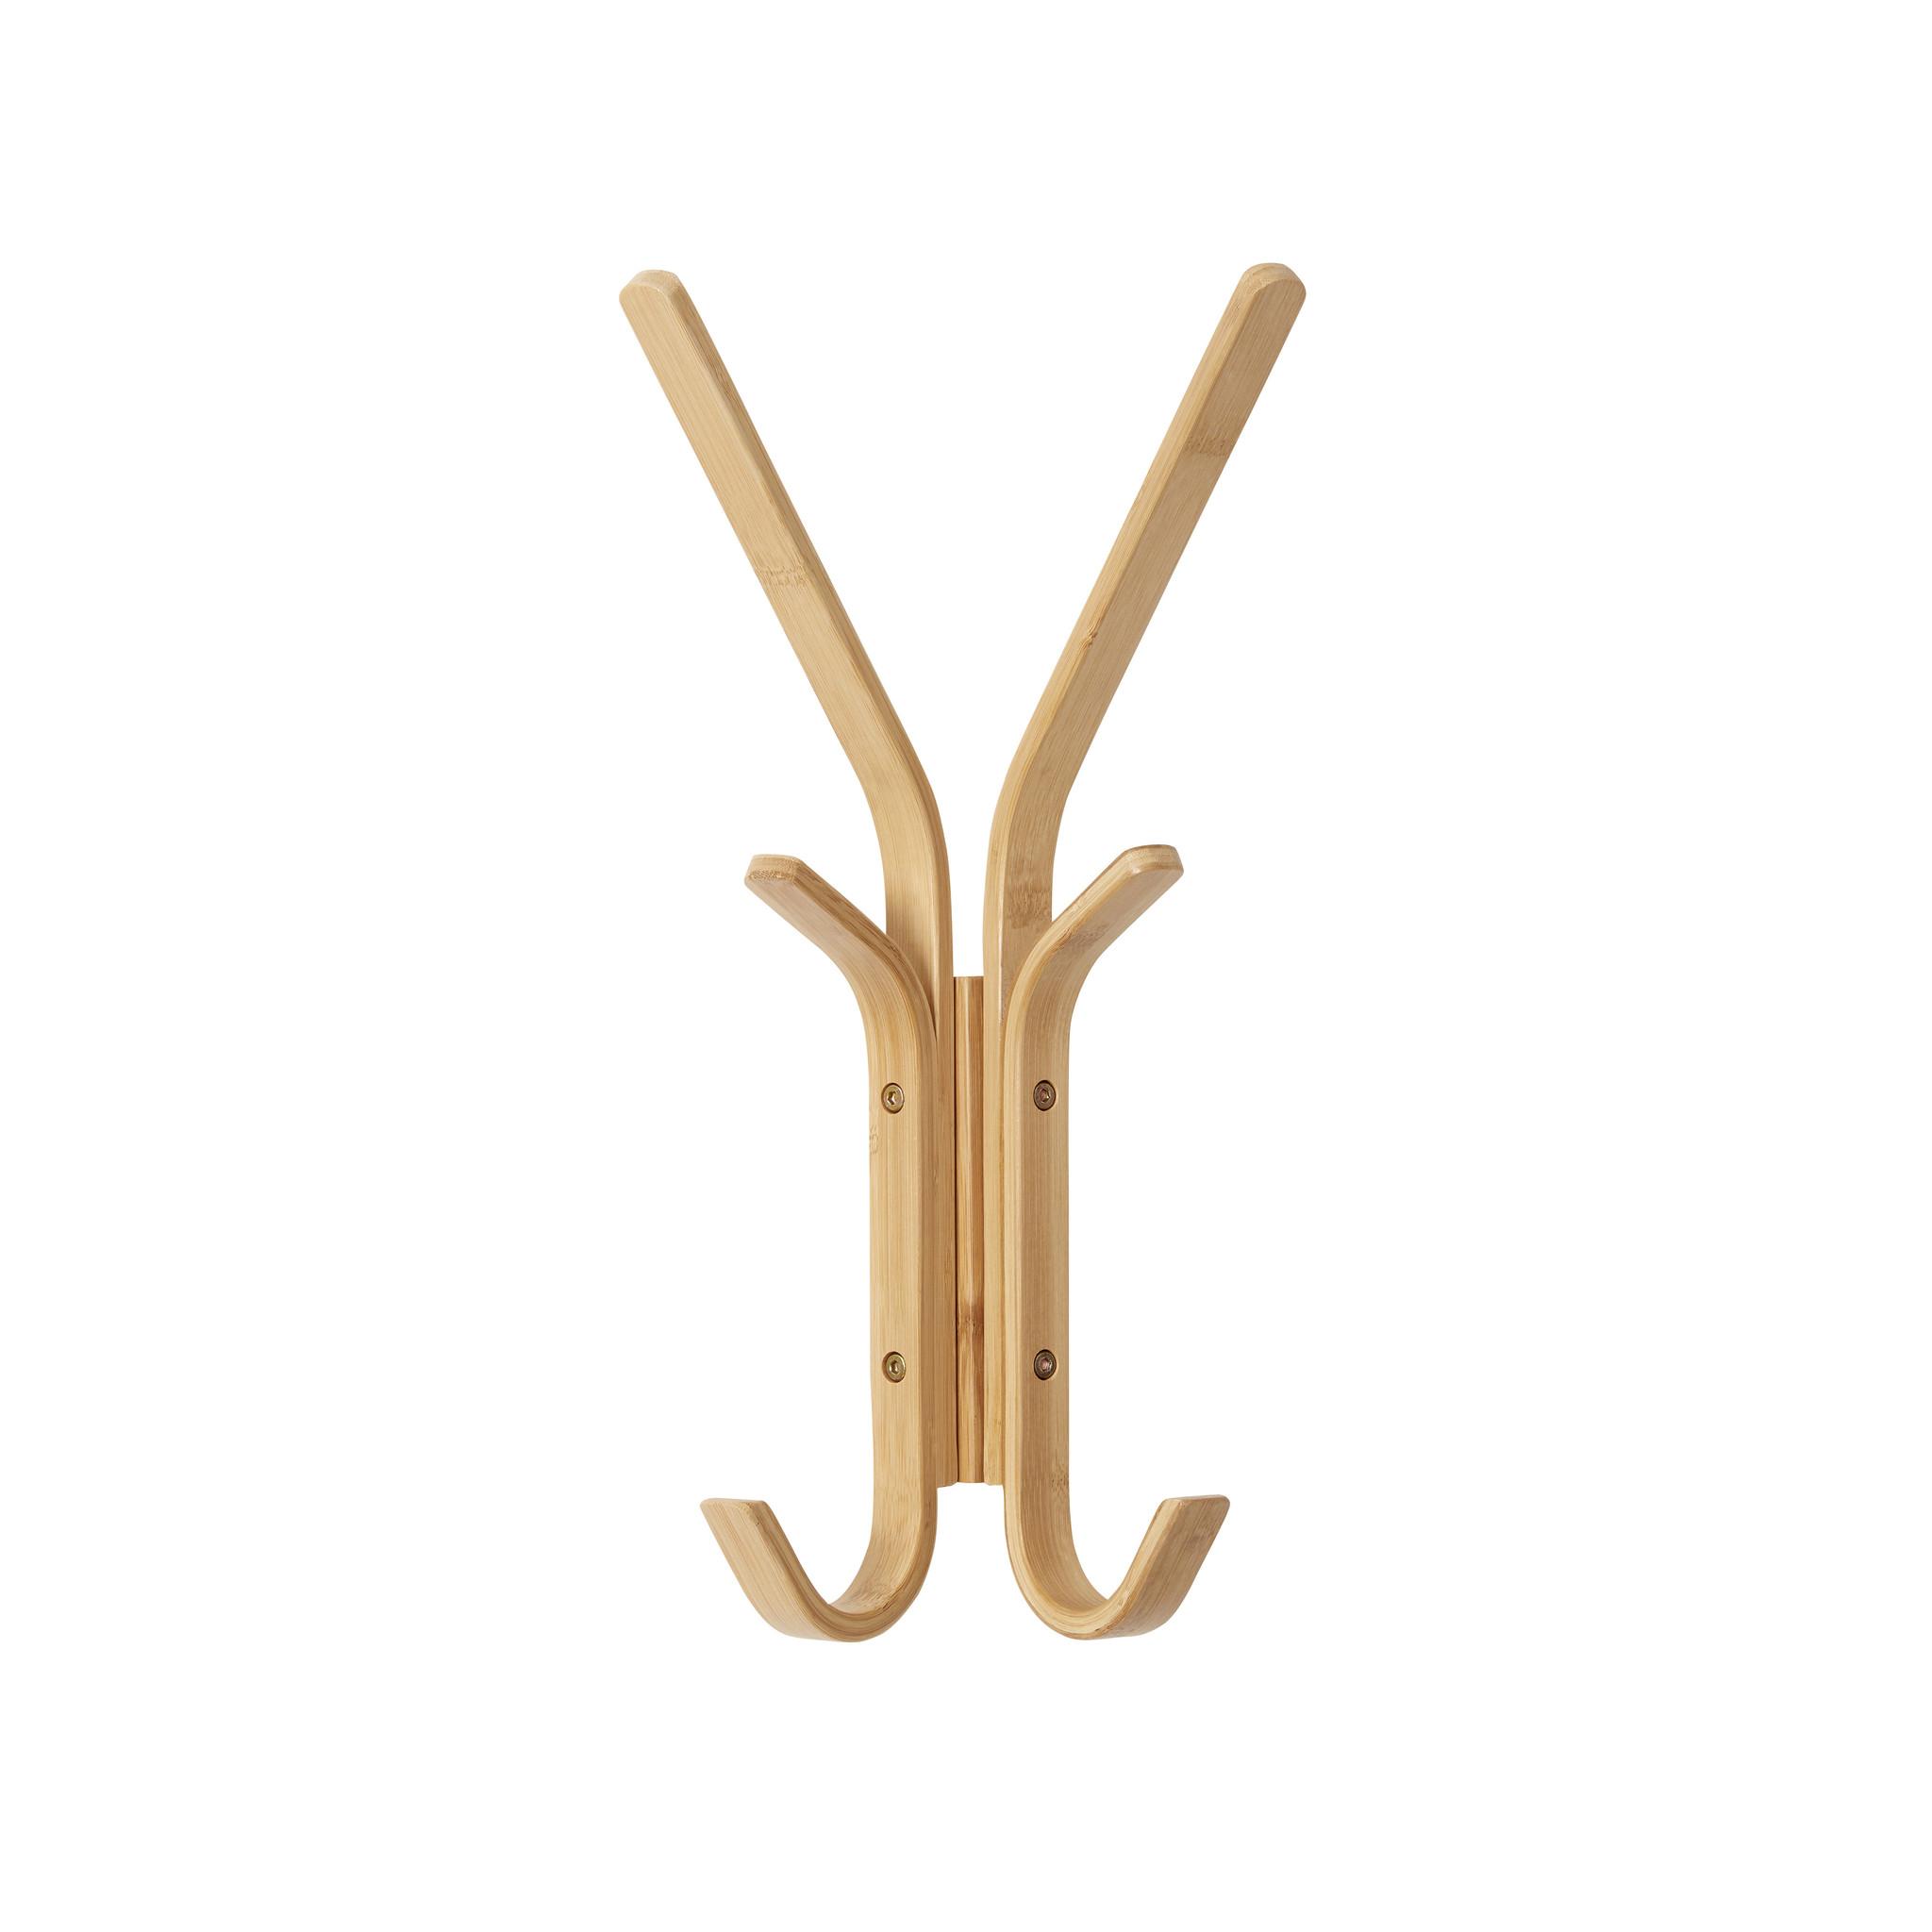 Hubsch Wandkapstok bamboe dubbel - 6 haken-241201-5712772101803